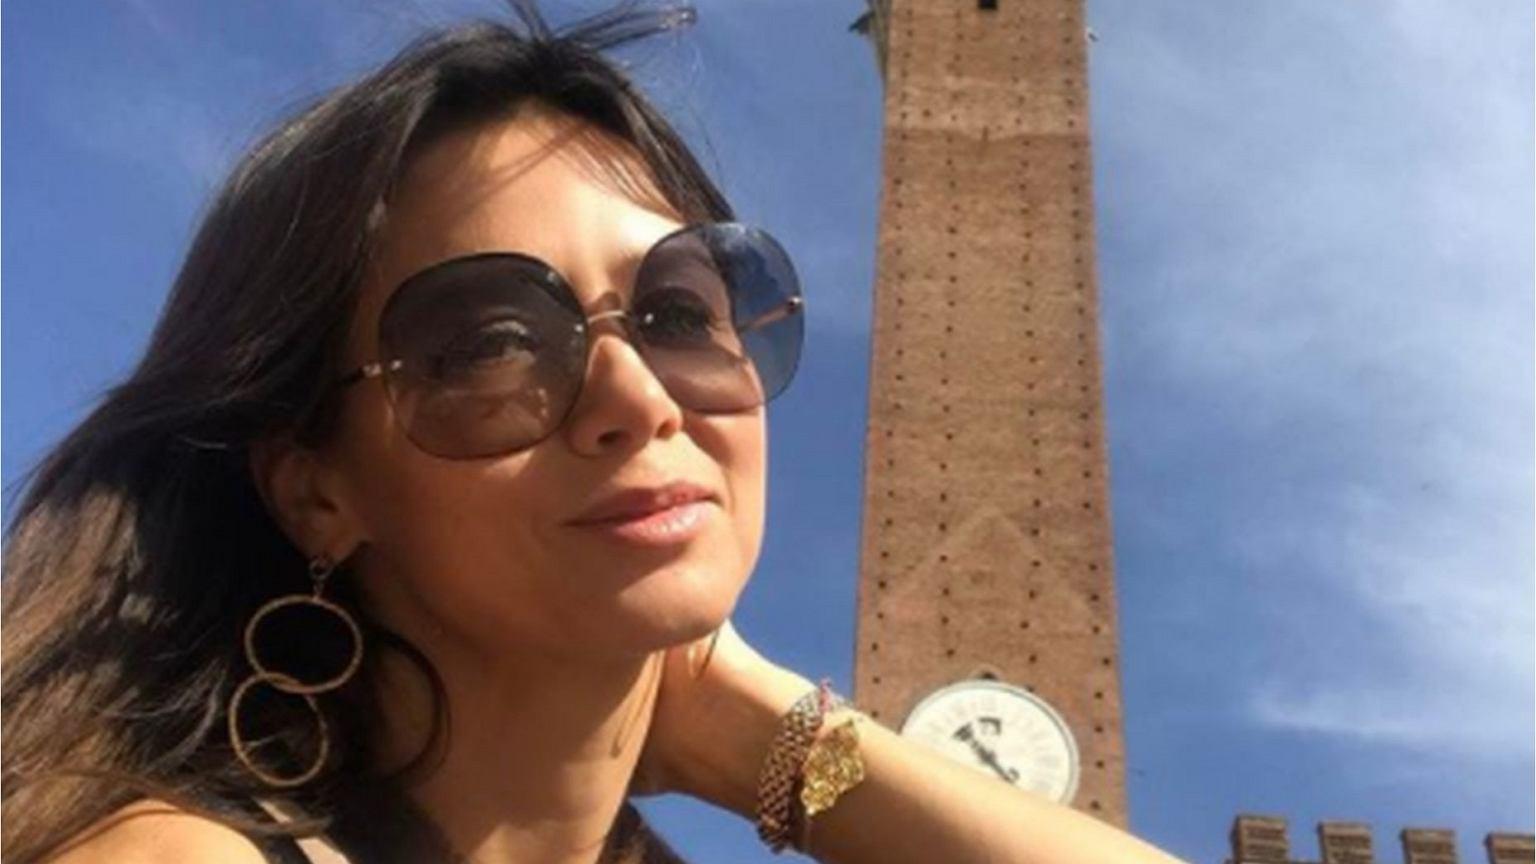 Kinga Rusin odpoczywa we Włoszech. Jeden szczegół wywołał burzę wśród jej obserwatorów. Poszło o... buty